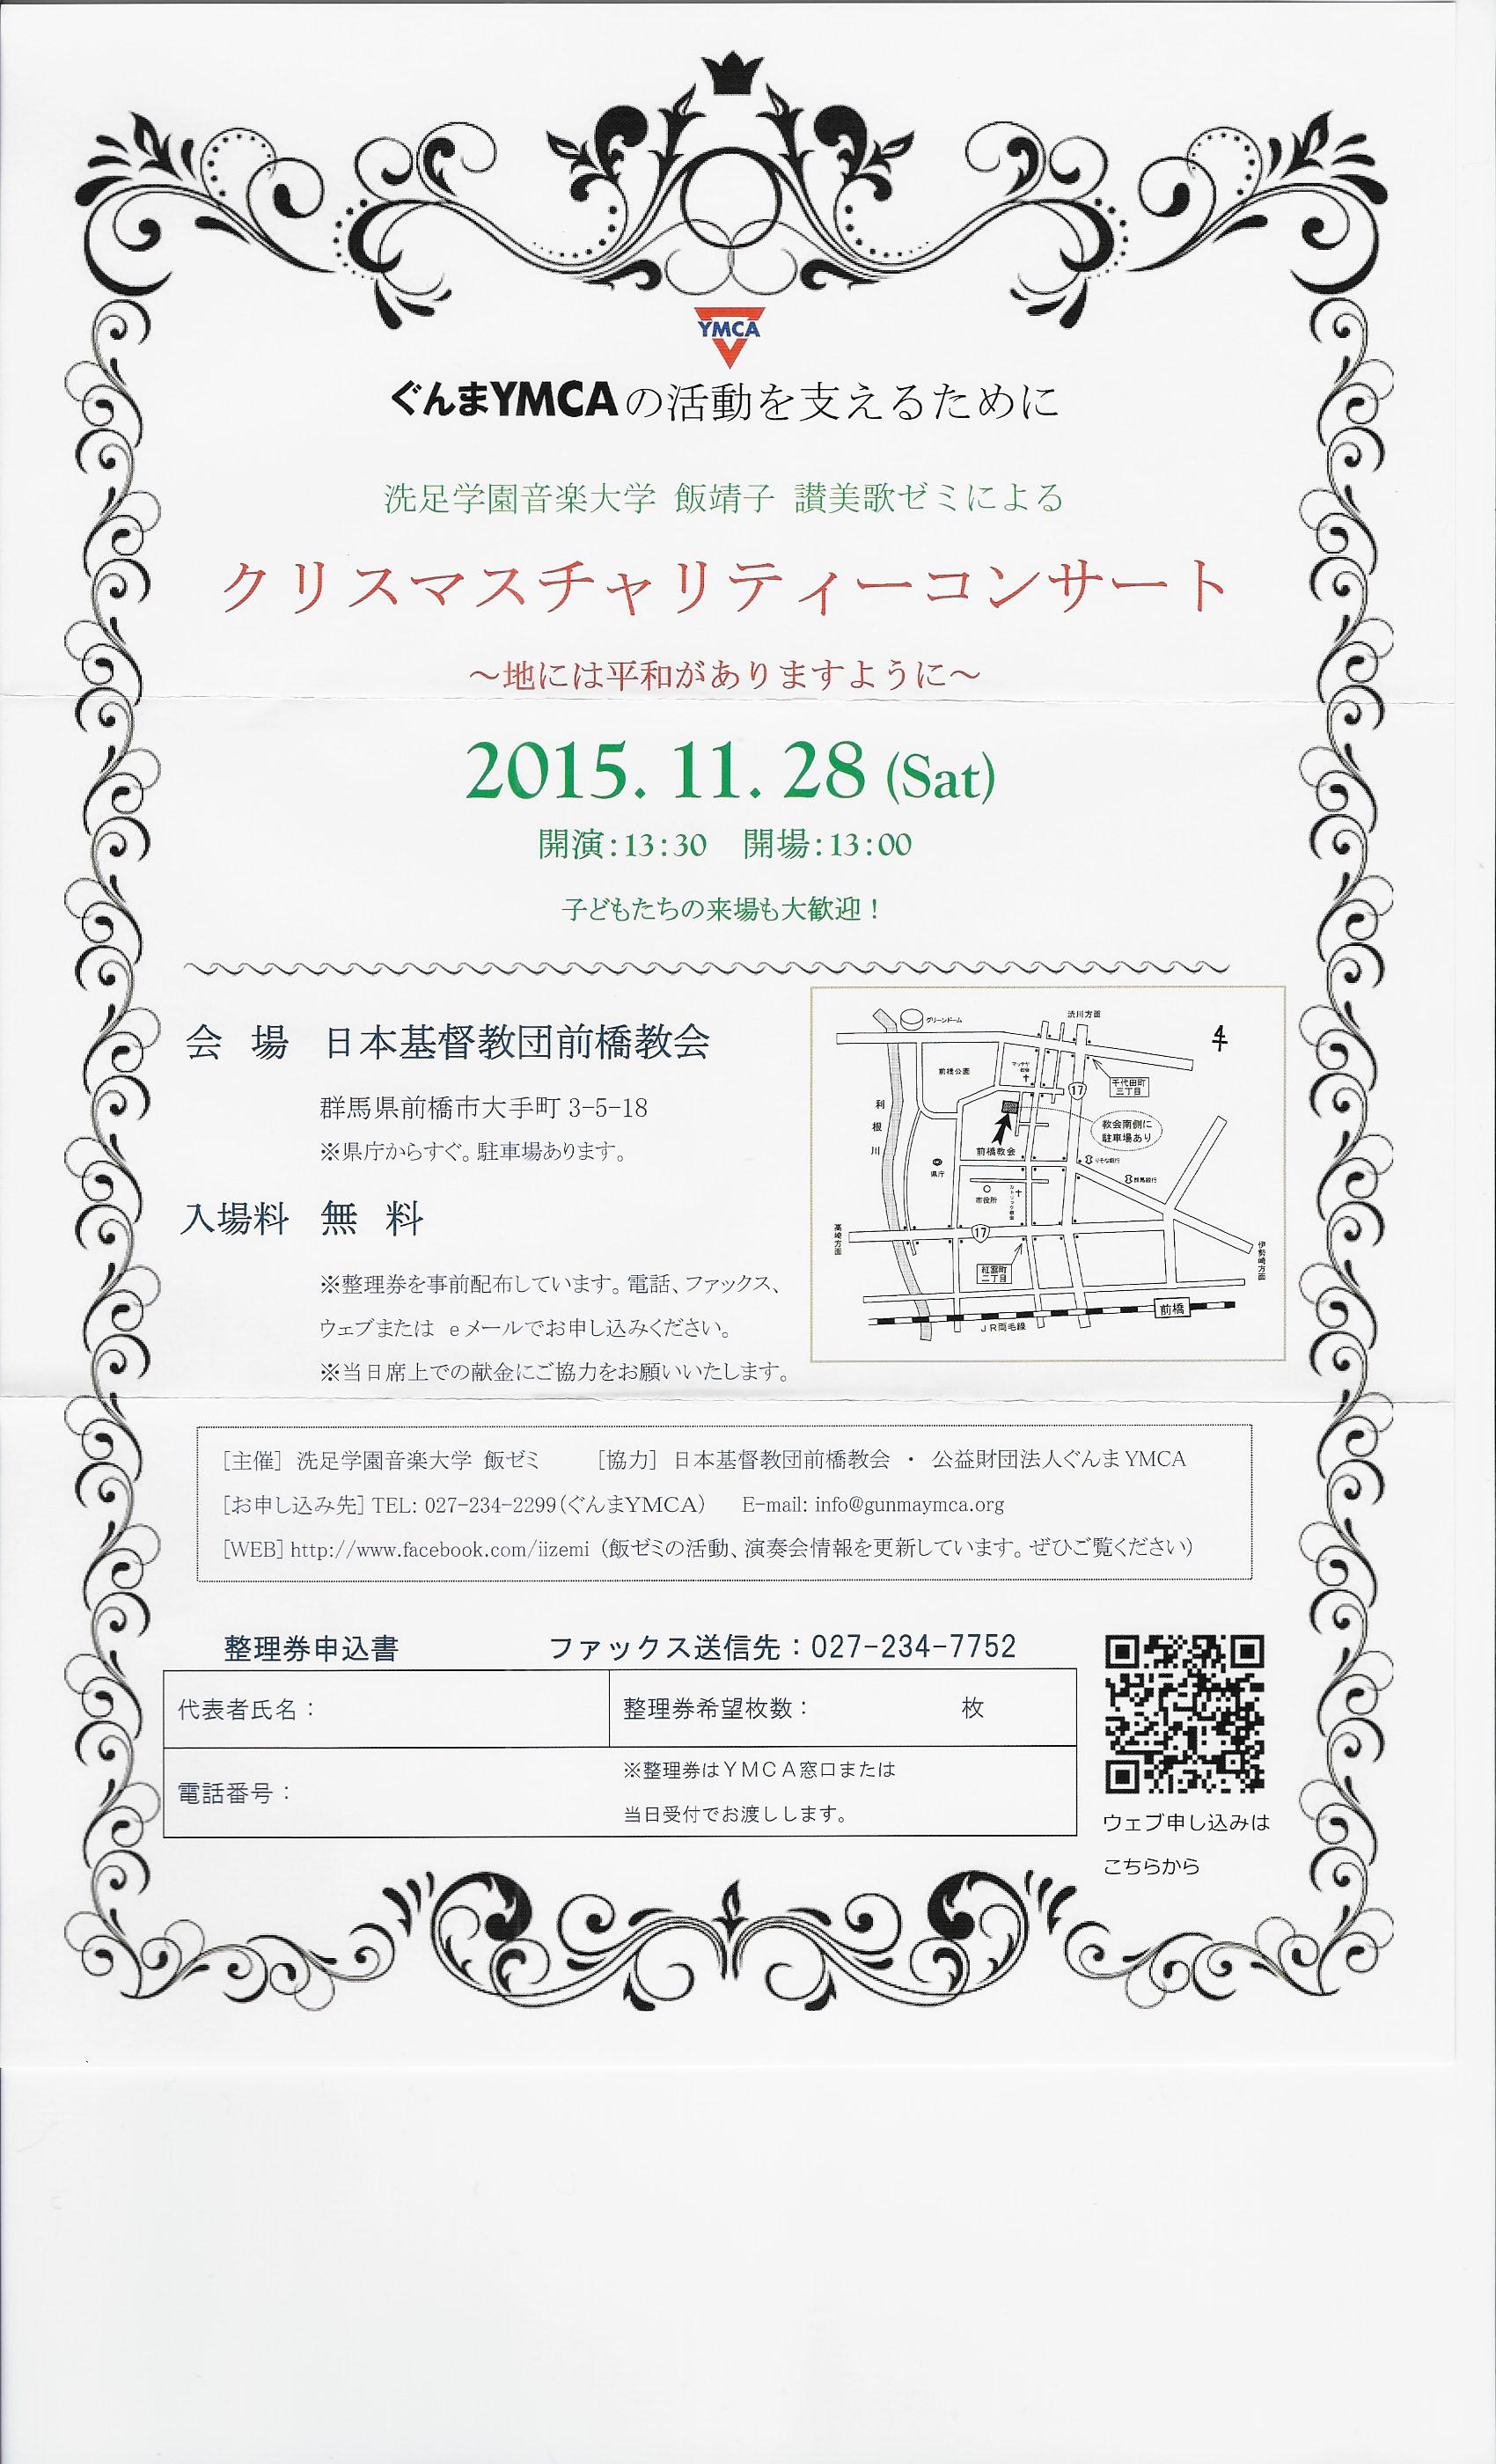 洗足コンサート(ぐんまYMCA)